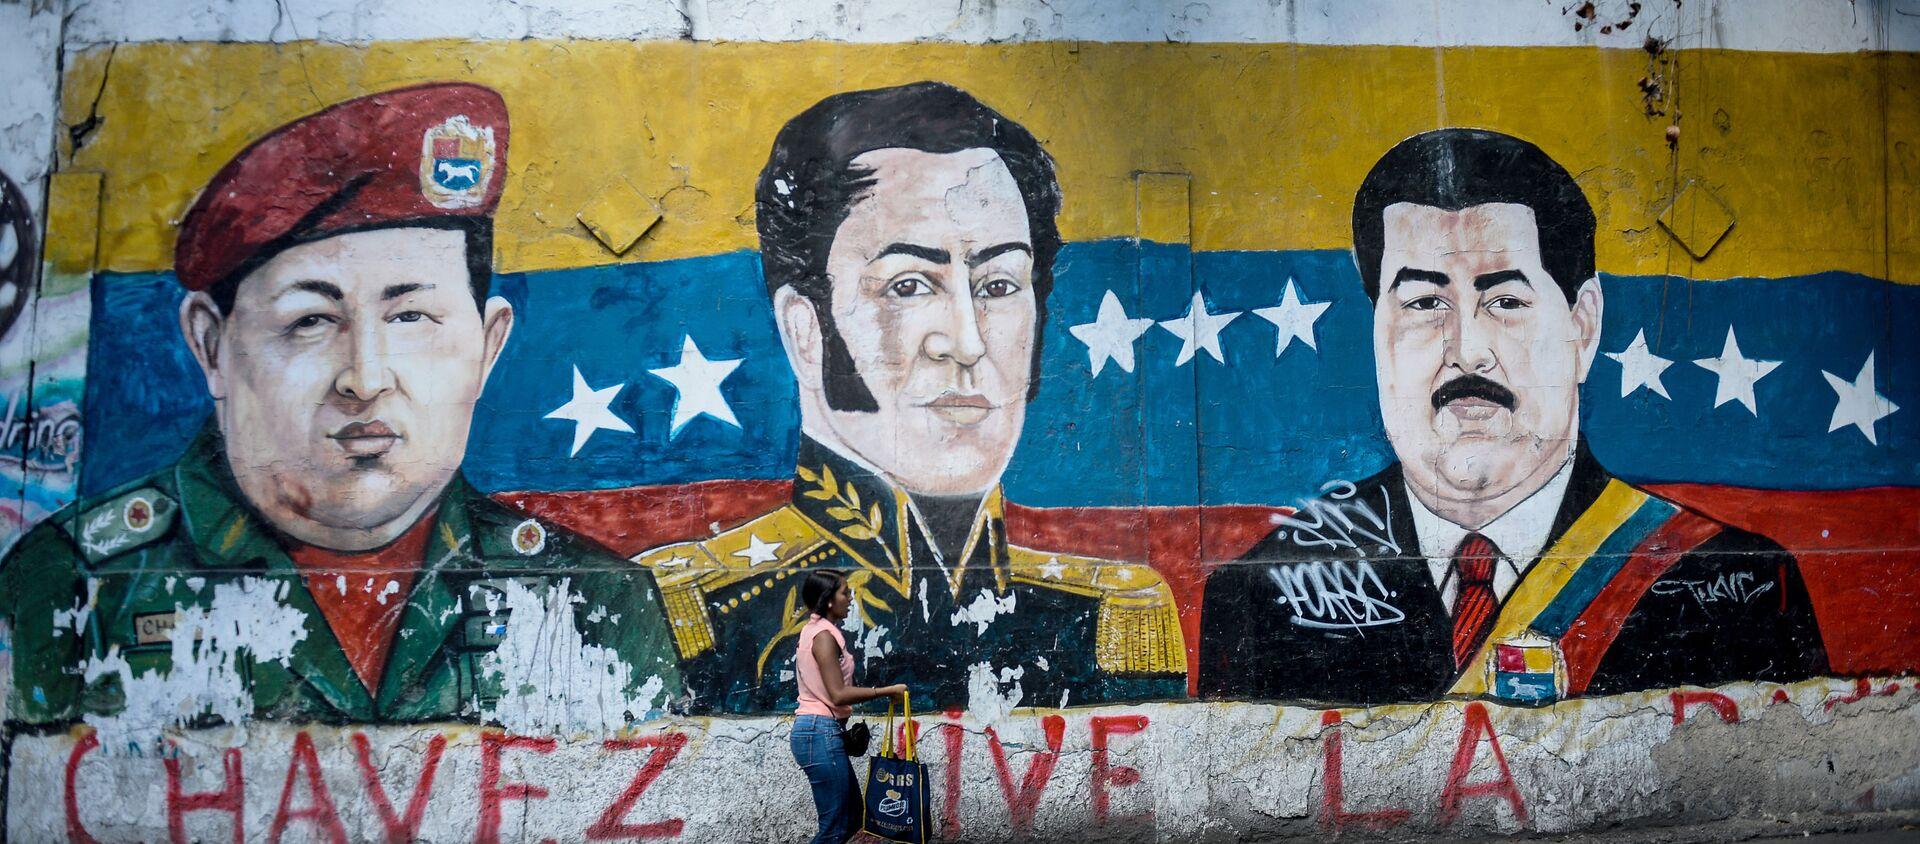 Un grafiti con la imagen de Simón Bolivar, el expresidente venezolano Hugo Chávez y el actual presidente, Nicolás Maduro - Sputnik Mundo, 1920, 21.06.2020